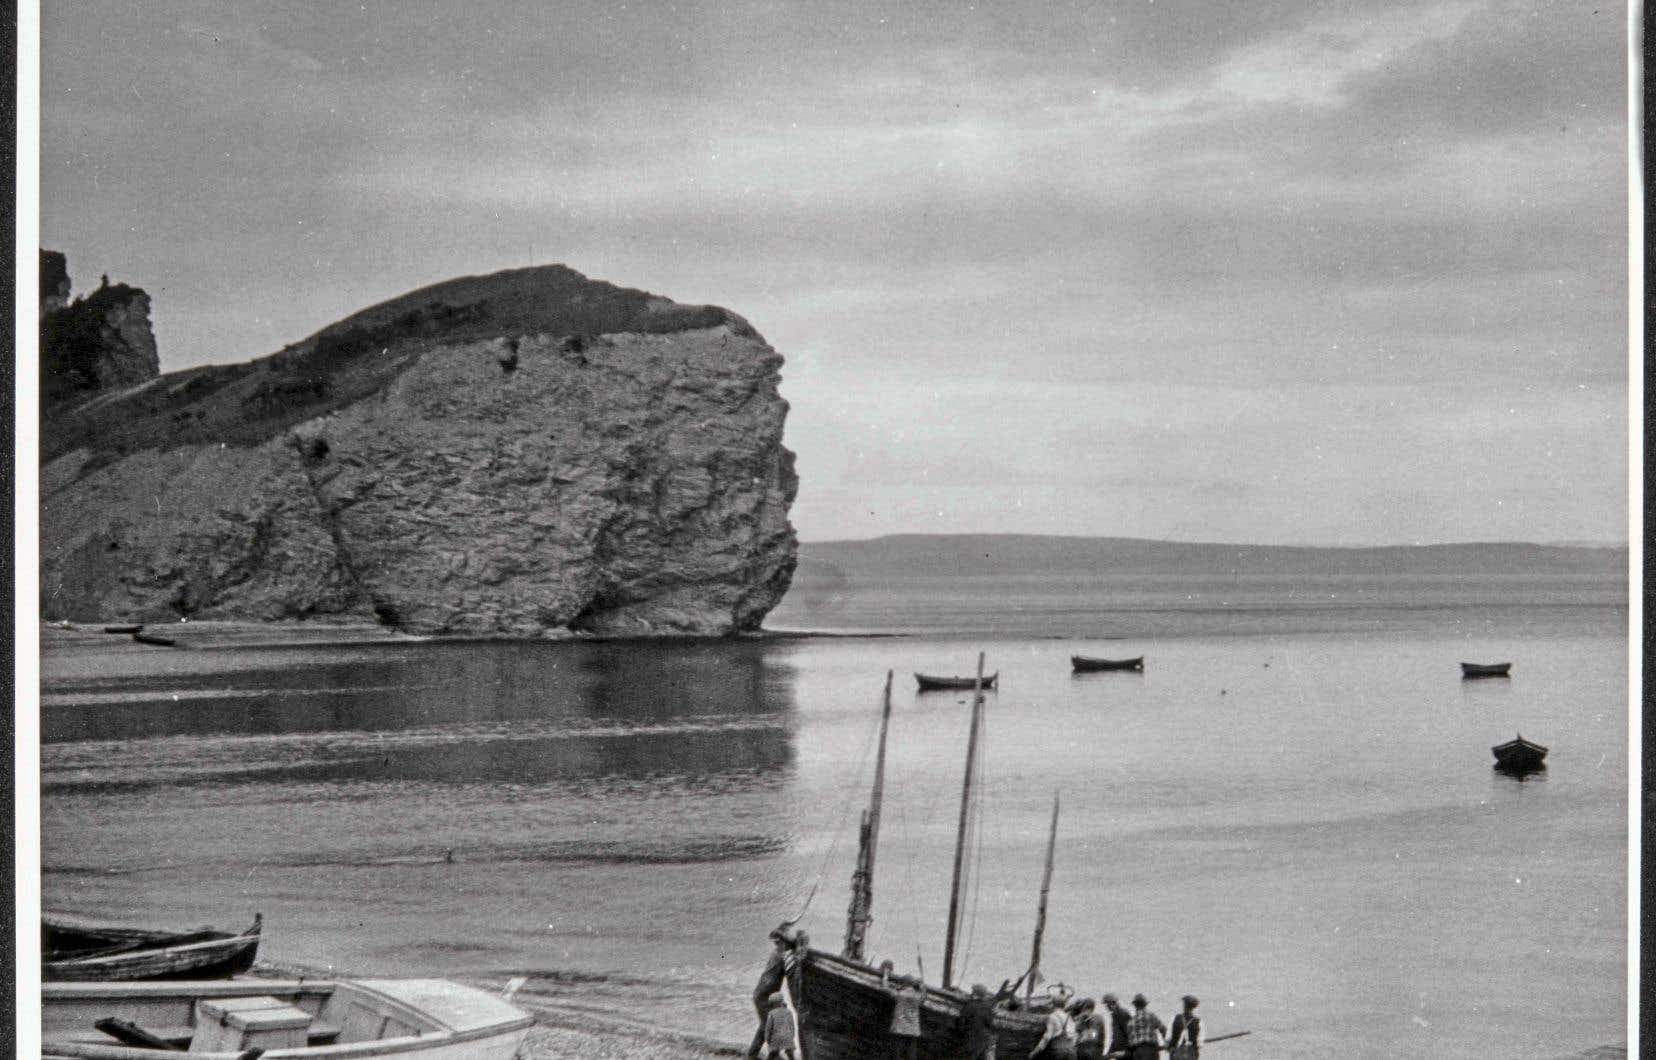 Au cours de ses nombreux voyages, Strand va séjourner en Gaspésie à deux reprises, en 1929 et 1936. Ci-dessus, détail d'un paysage de cette région.